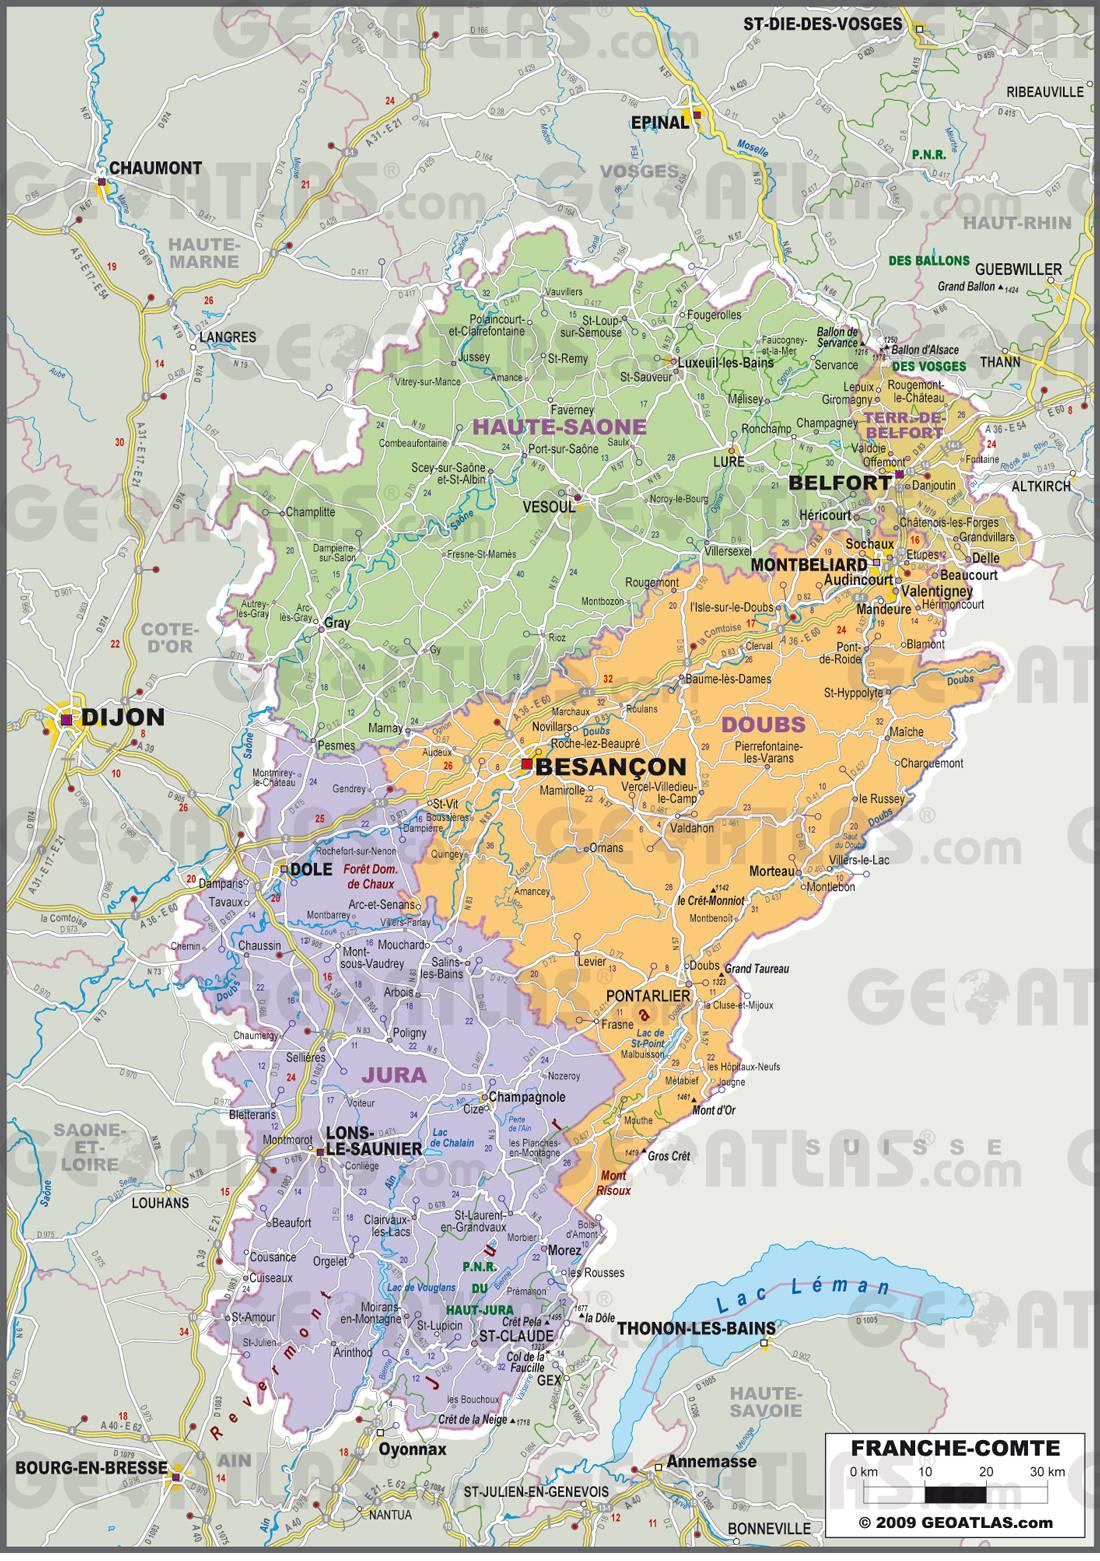 Carte administrative de la Franche-Comté